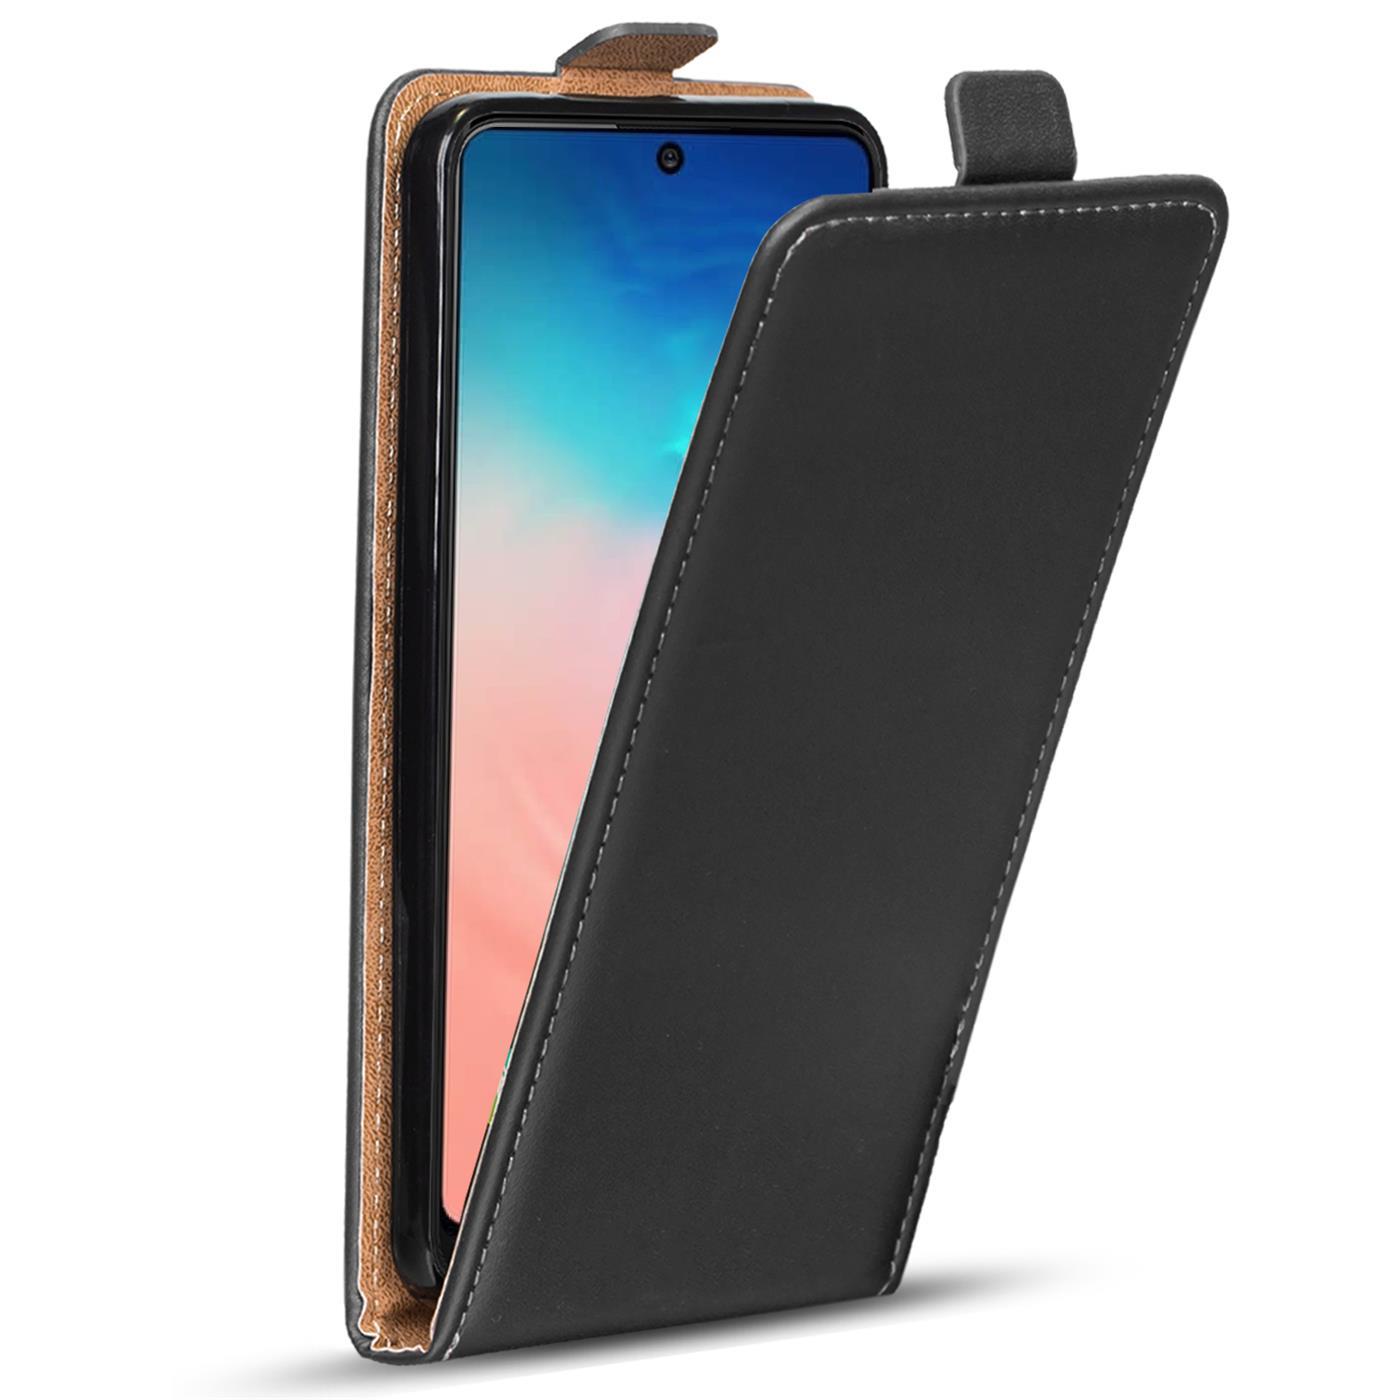 Flip-Cover-fuer-Samsung-Galaxy-S10-Lite-Huelle-Klapphuelle-Handy-Schutz-Tasche-Case Indexbild 9